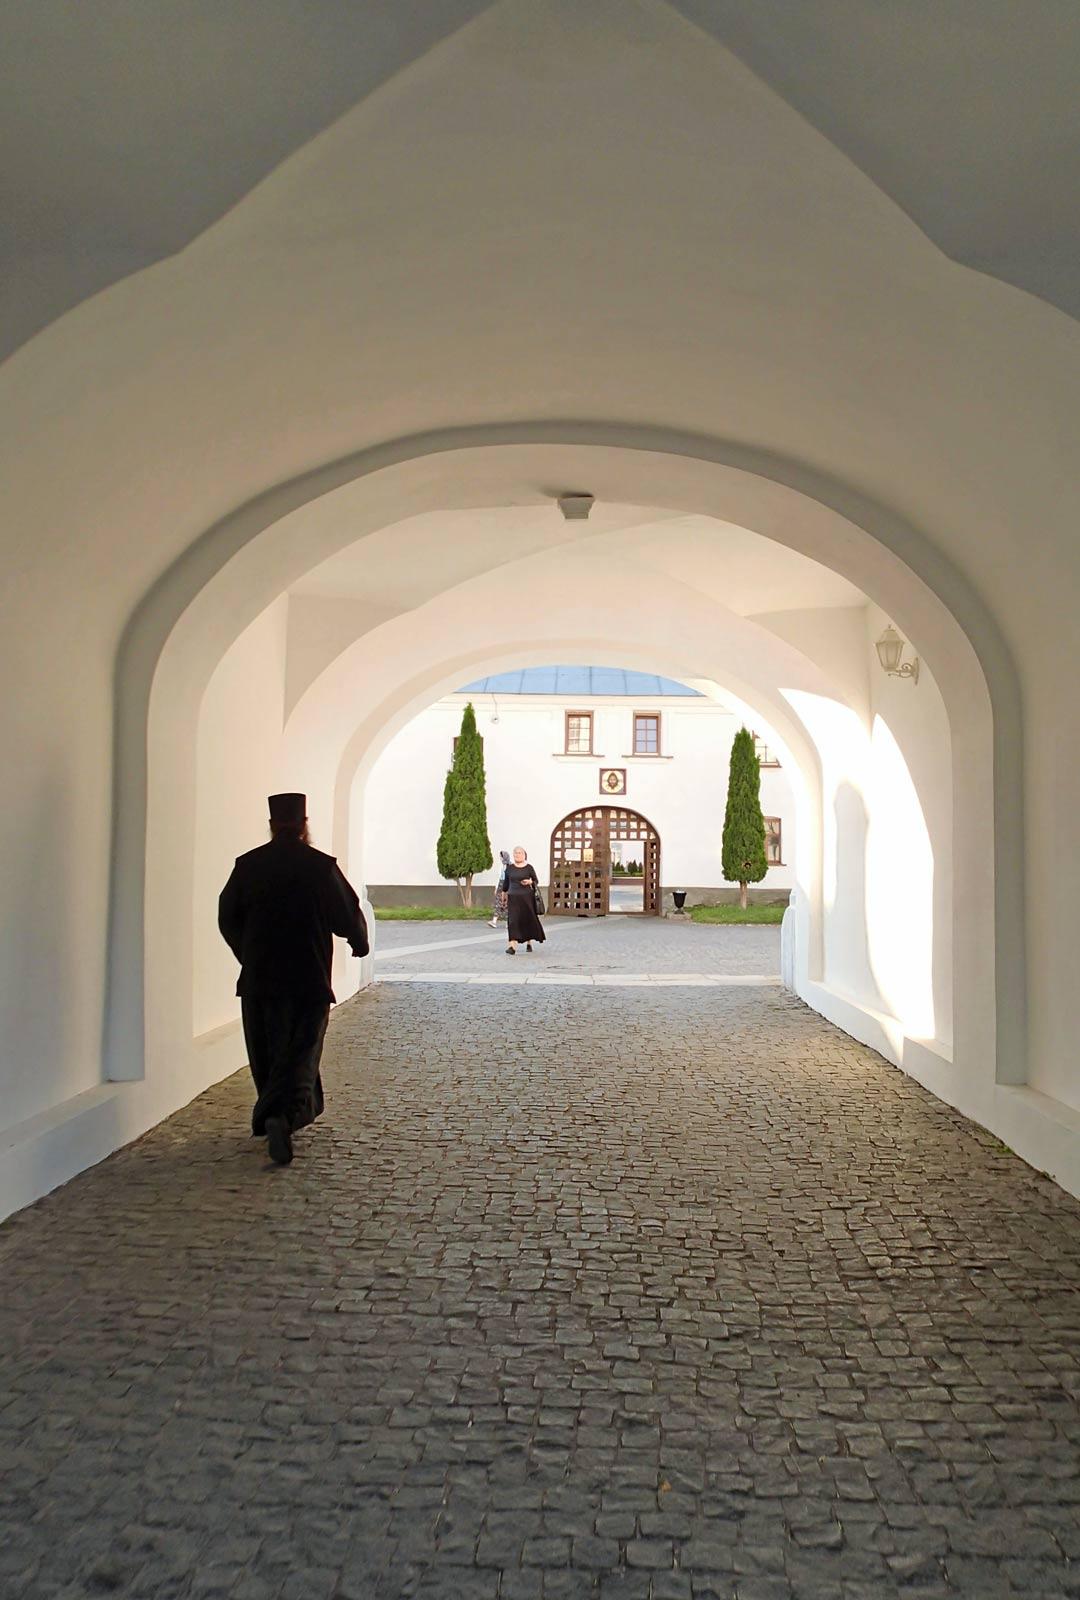 Valamon pitkä historia on vaiheikas. Osa luostarin irtaimistostakin on muualla: yläkirkon alttaripöytä on Uspenskin katedraalissa.